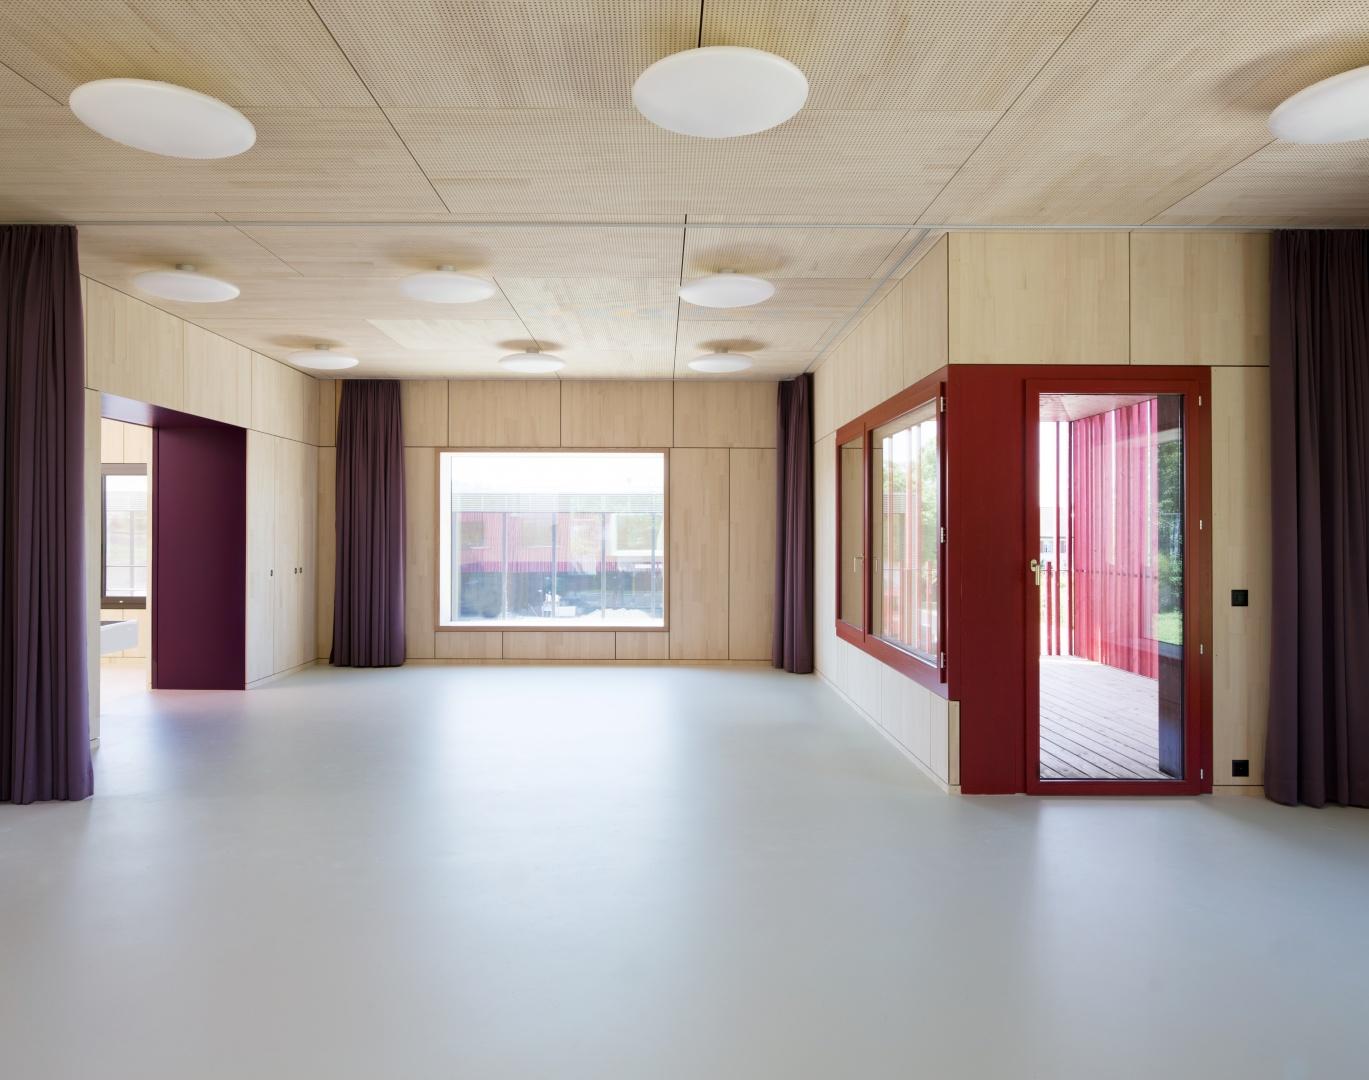 Hauptraum © Singer Baenziger Architekten, Elisabethenstrasse 14a 8004 Zürich